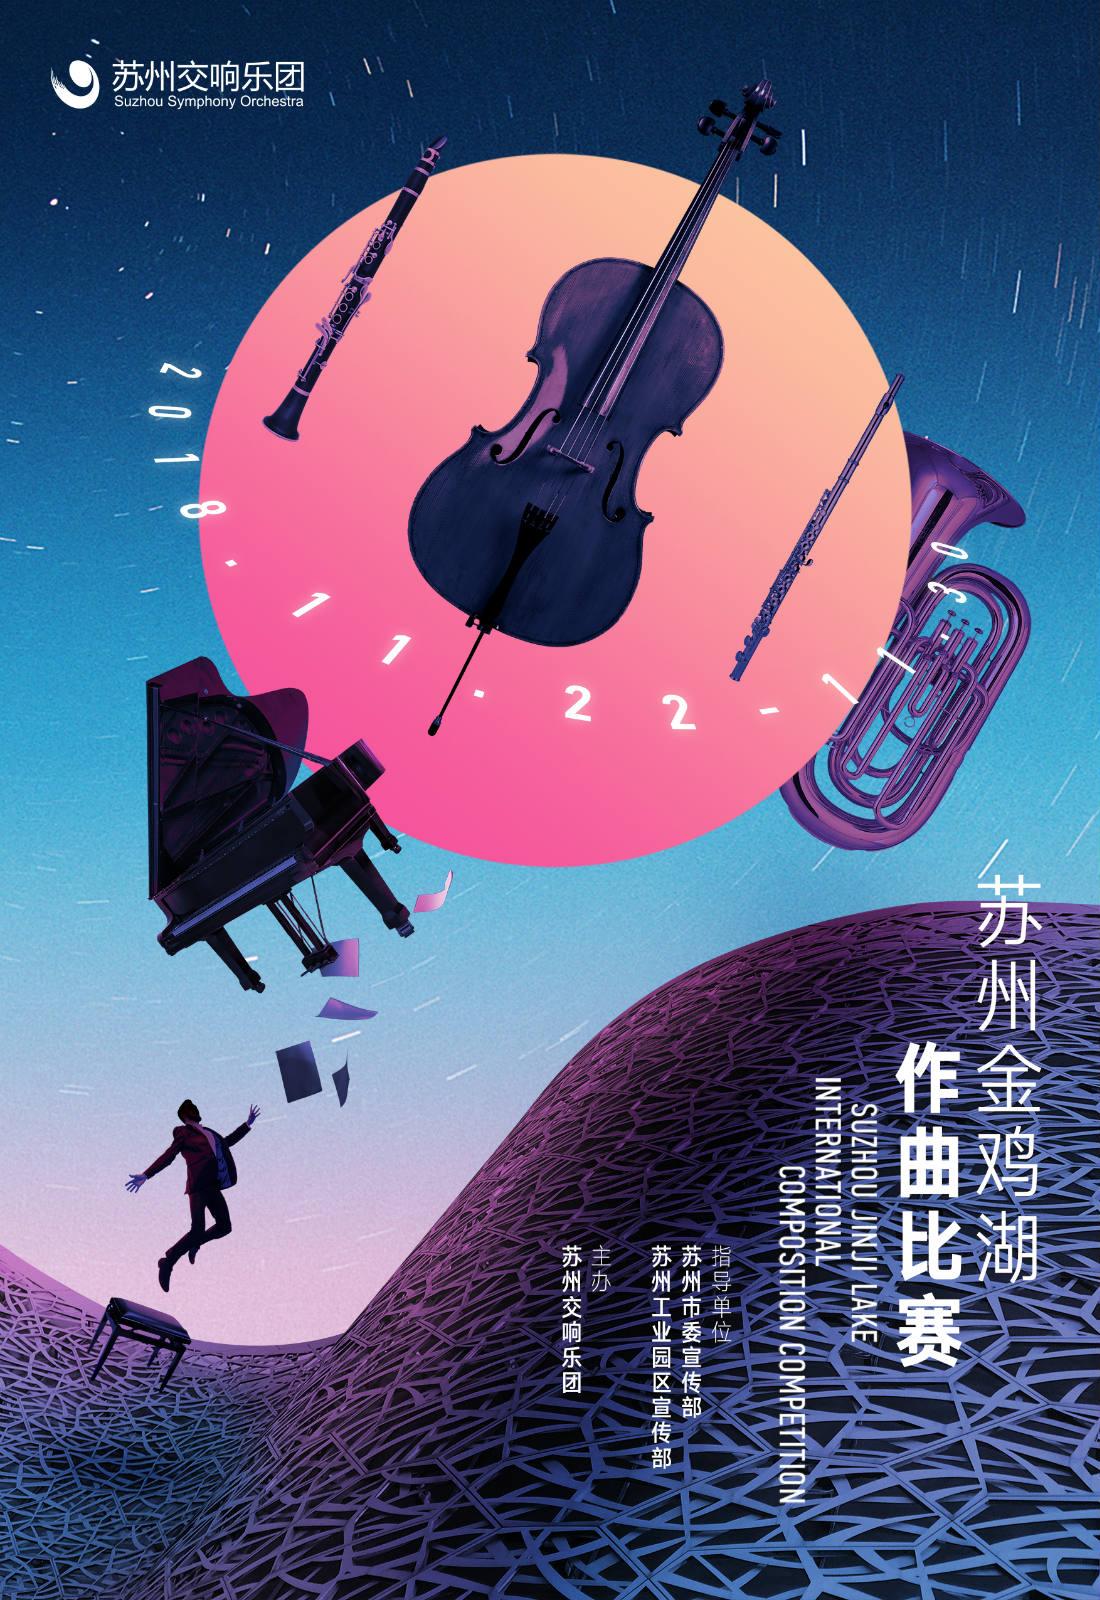 2018苏州金鸡湖作曲比赛 – 决赛音乐会及颁奖仪式(主办)